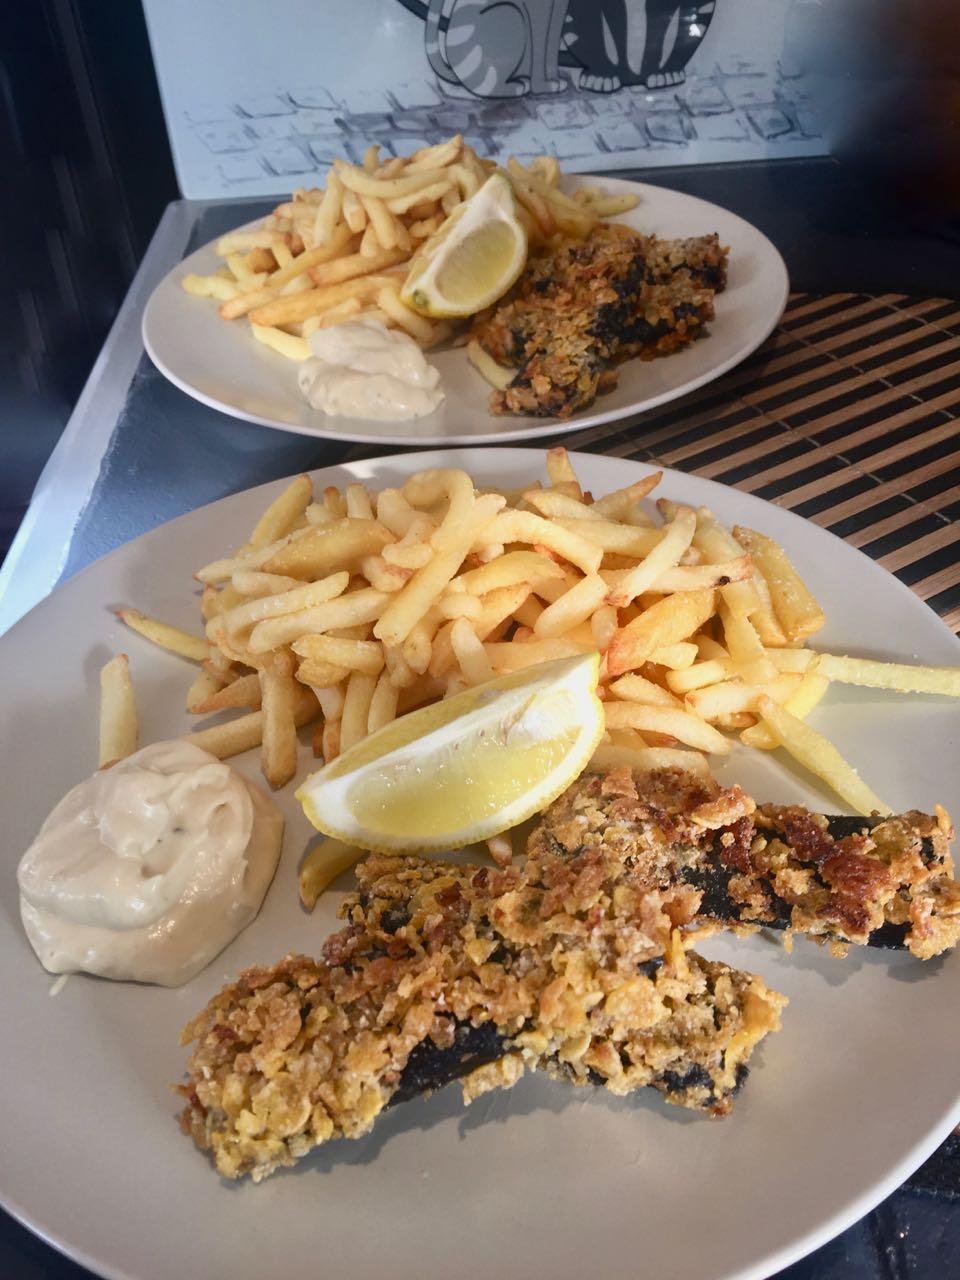 No fish & chips